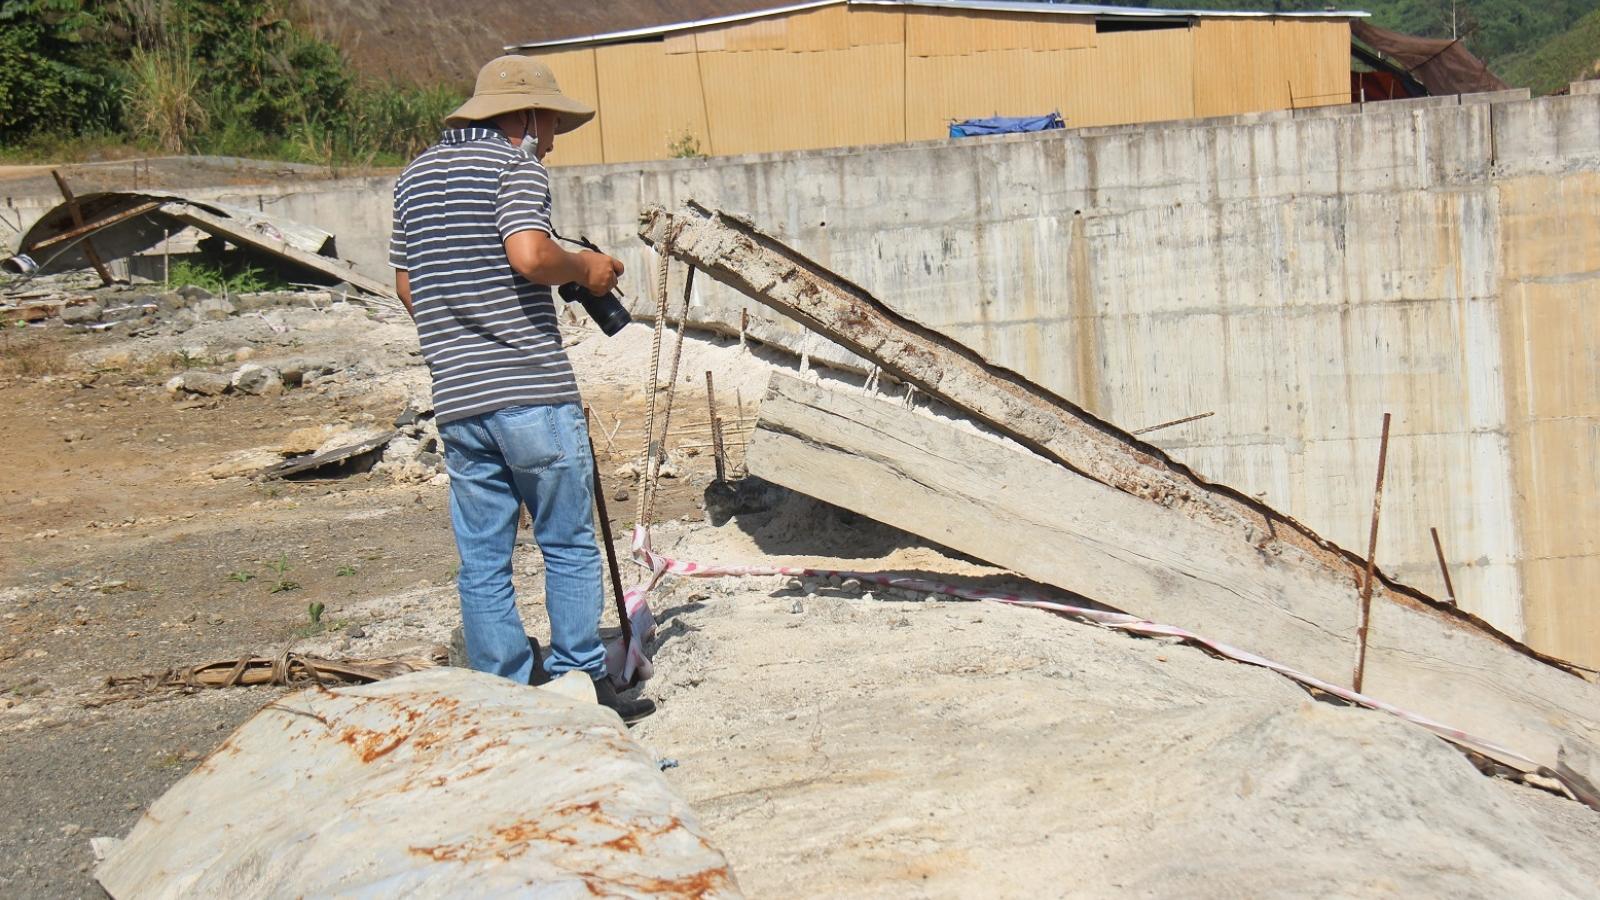 Công an Quảng Nam điều tra mở rộng vụ sử dụng vật liệu nổ ở thủy điện Nước Chè